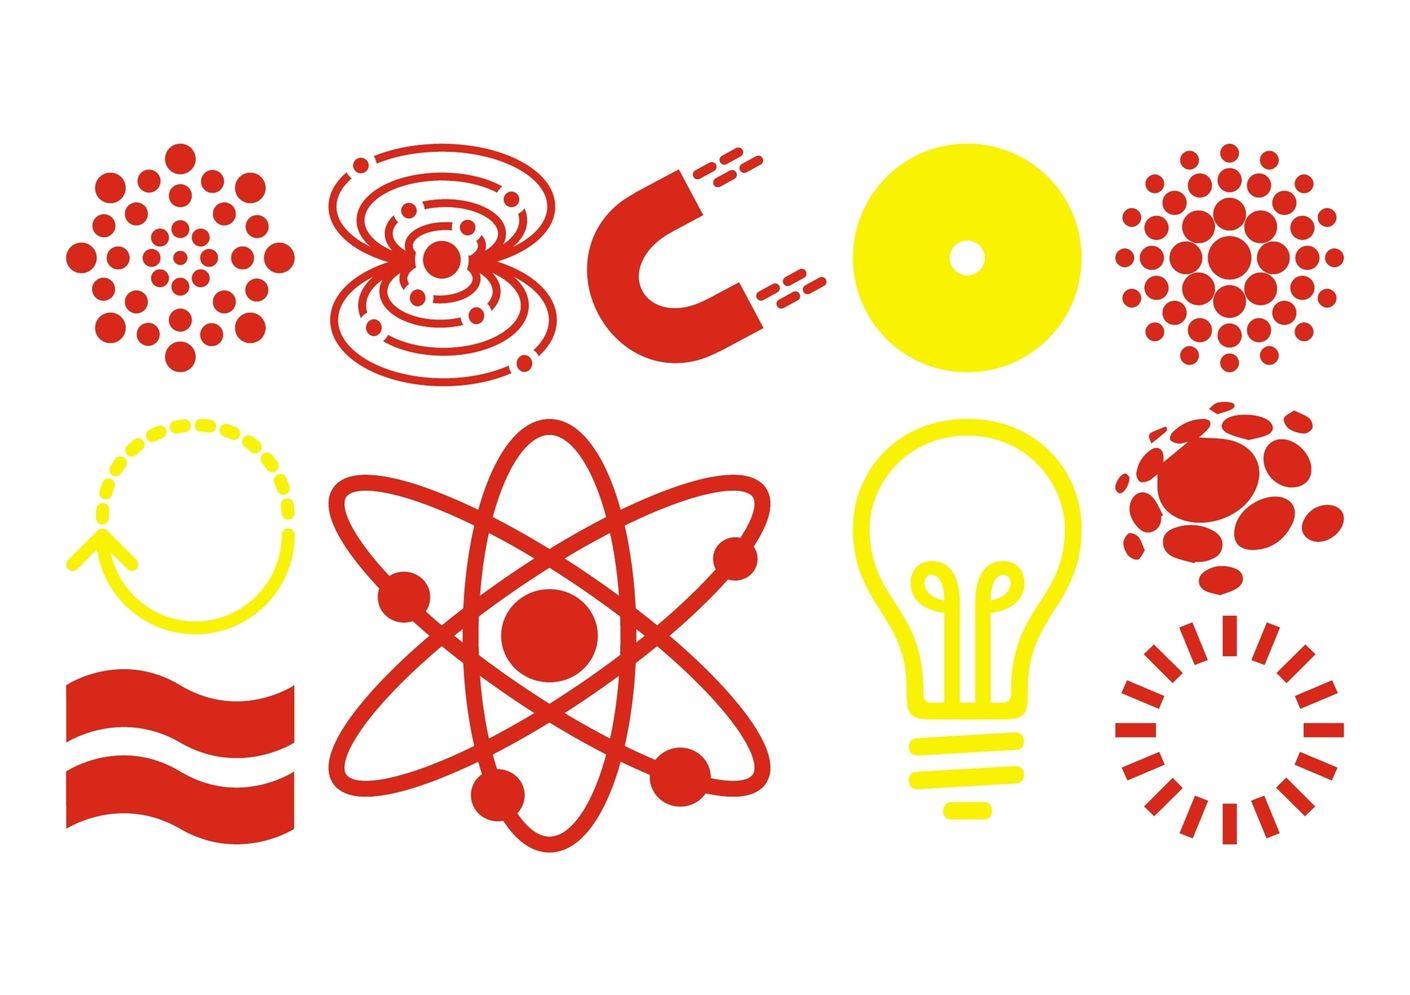 Конструктор для разработки фирменной айдентики школ/ Лаборатория дизайна НИУВШЭ - hsedesignlab.ru